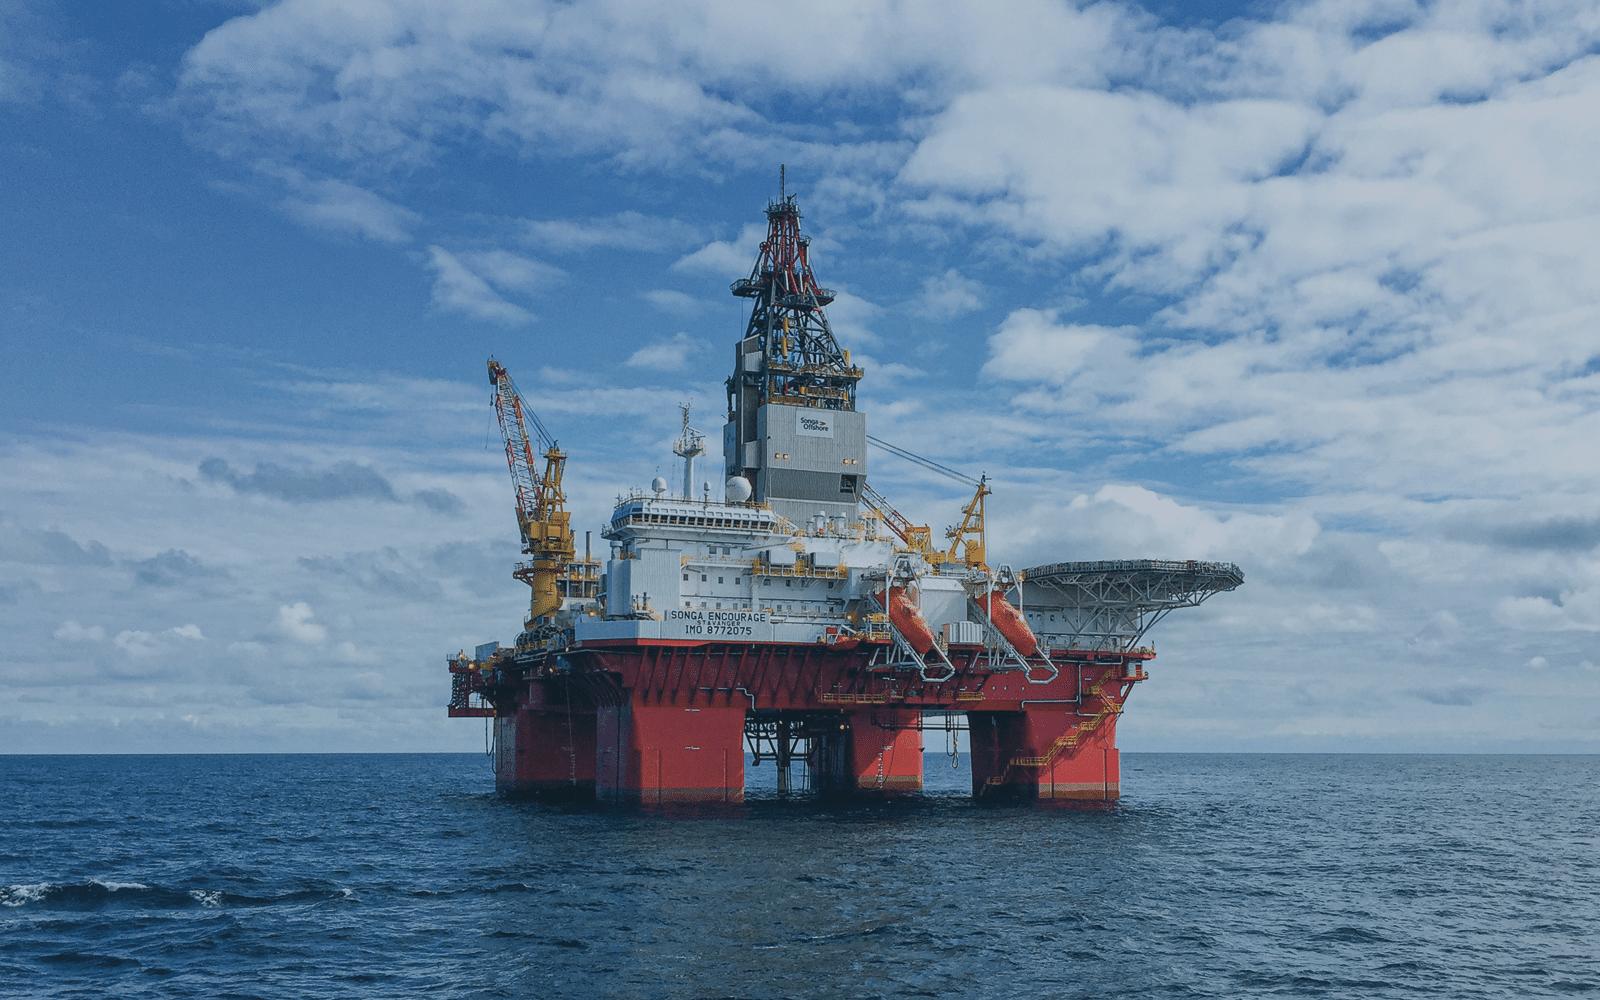 Quais são os fatores que influenciam o preço do petróleo?